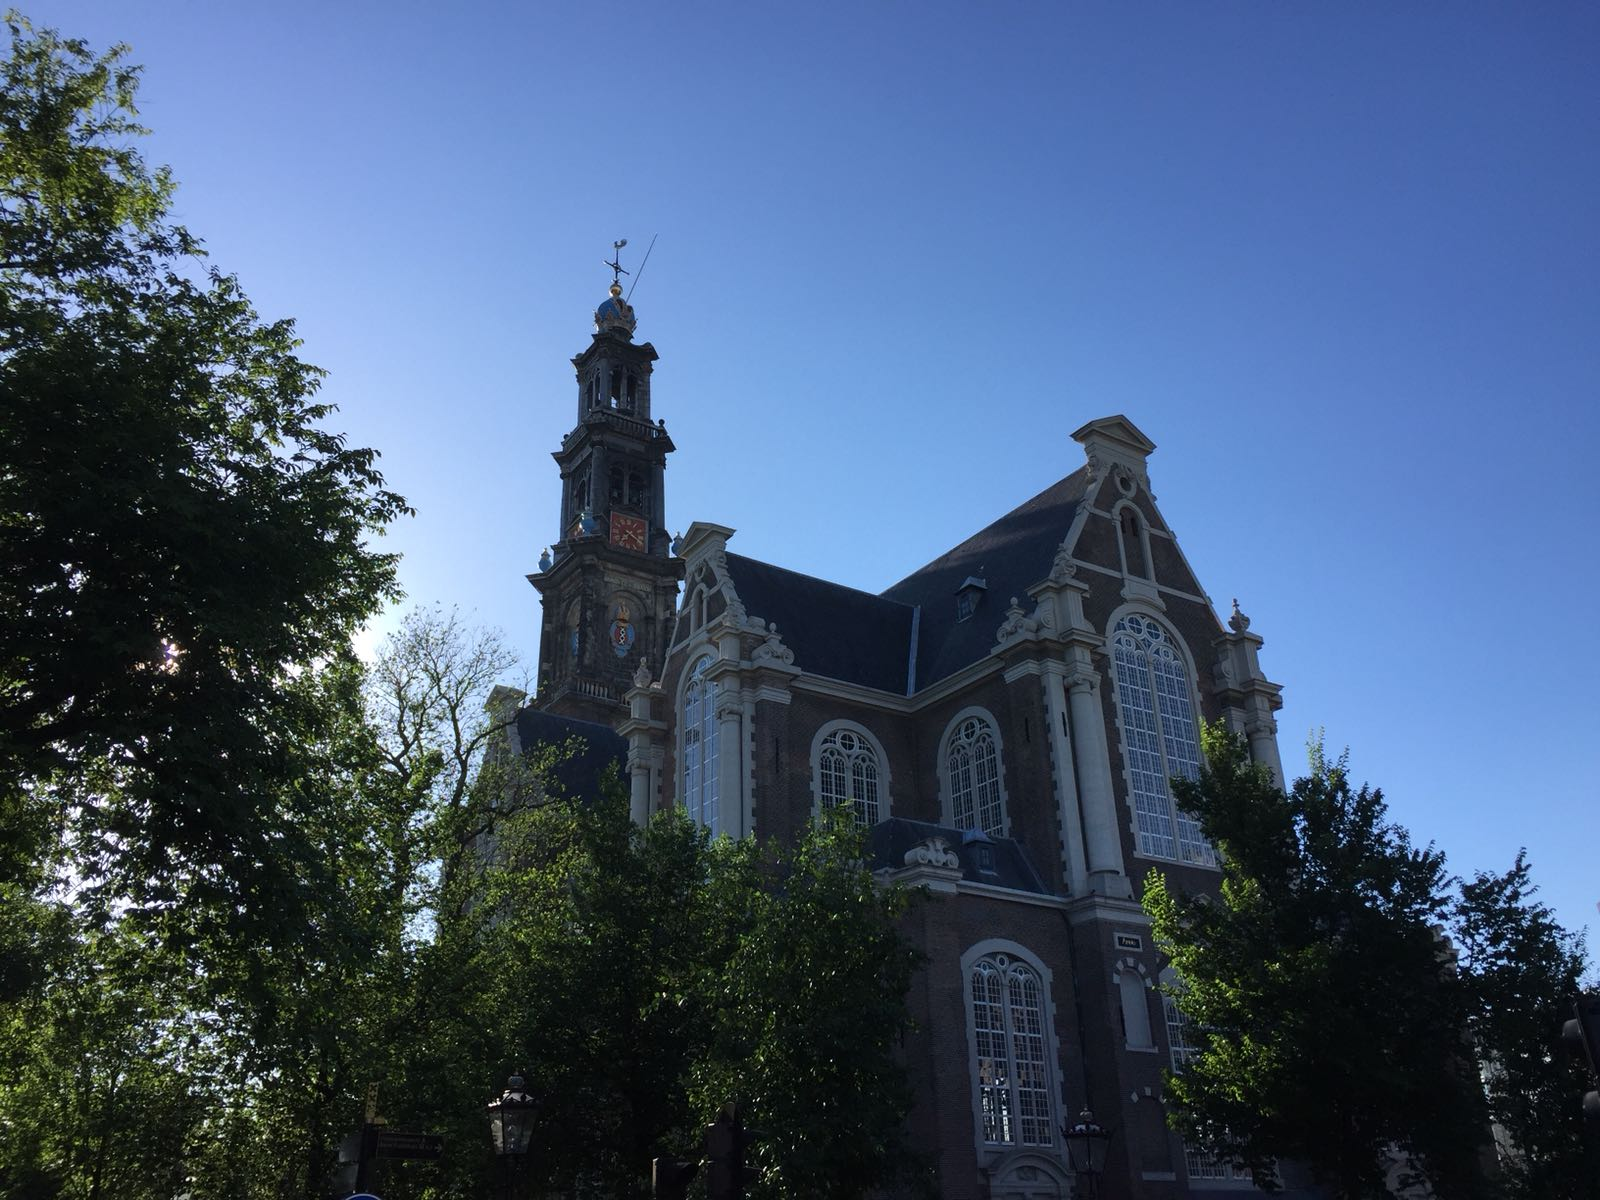 Westerkerk, photo by Mariëlle Veerman